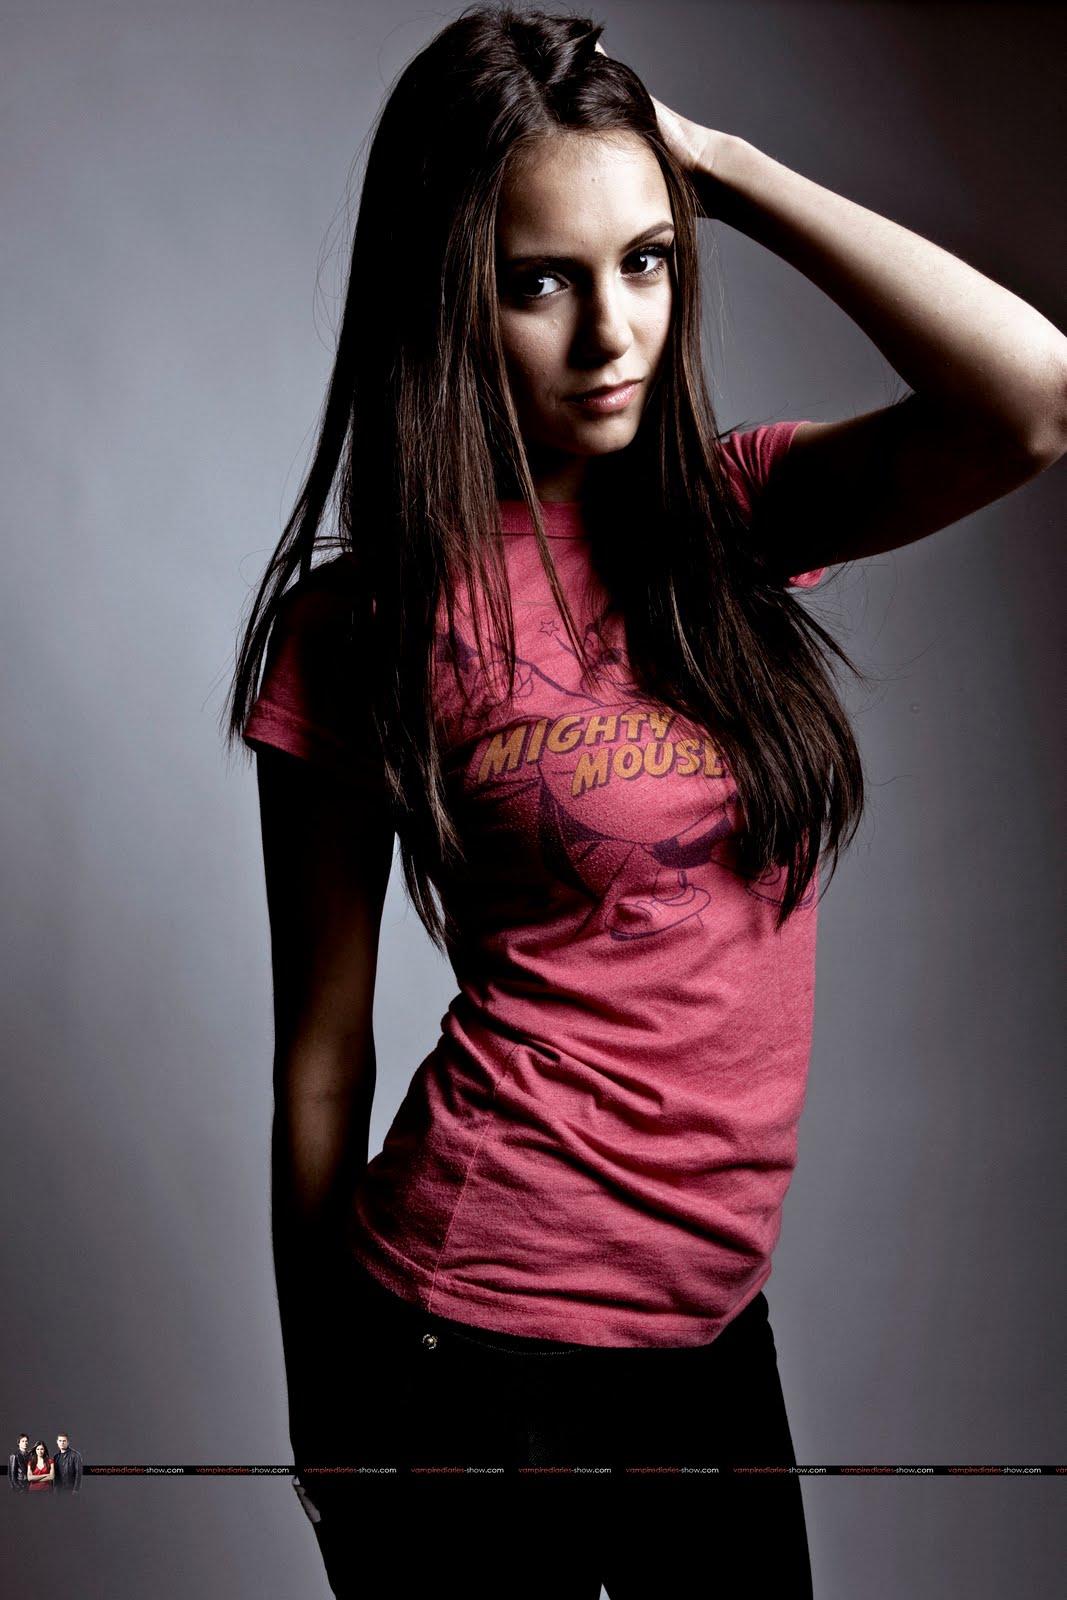 http://3.bp.blogspot.com/_KelrjUHRbXs/SwMbv4GinFI/AAAAAAAAANE/kgaNi7TDEA4/s1600/celebrityheart.net+(1).jpg